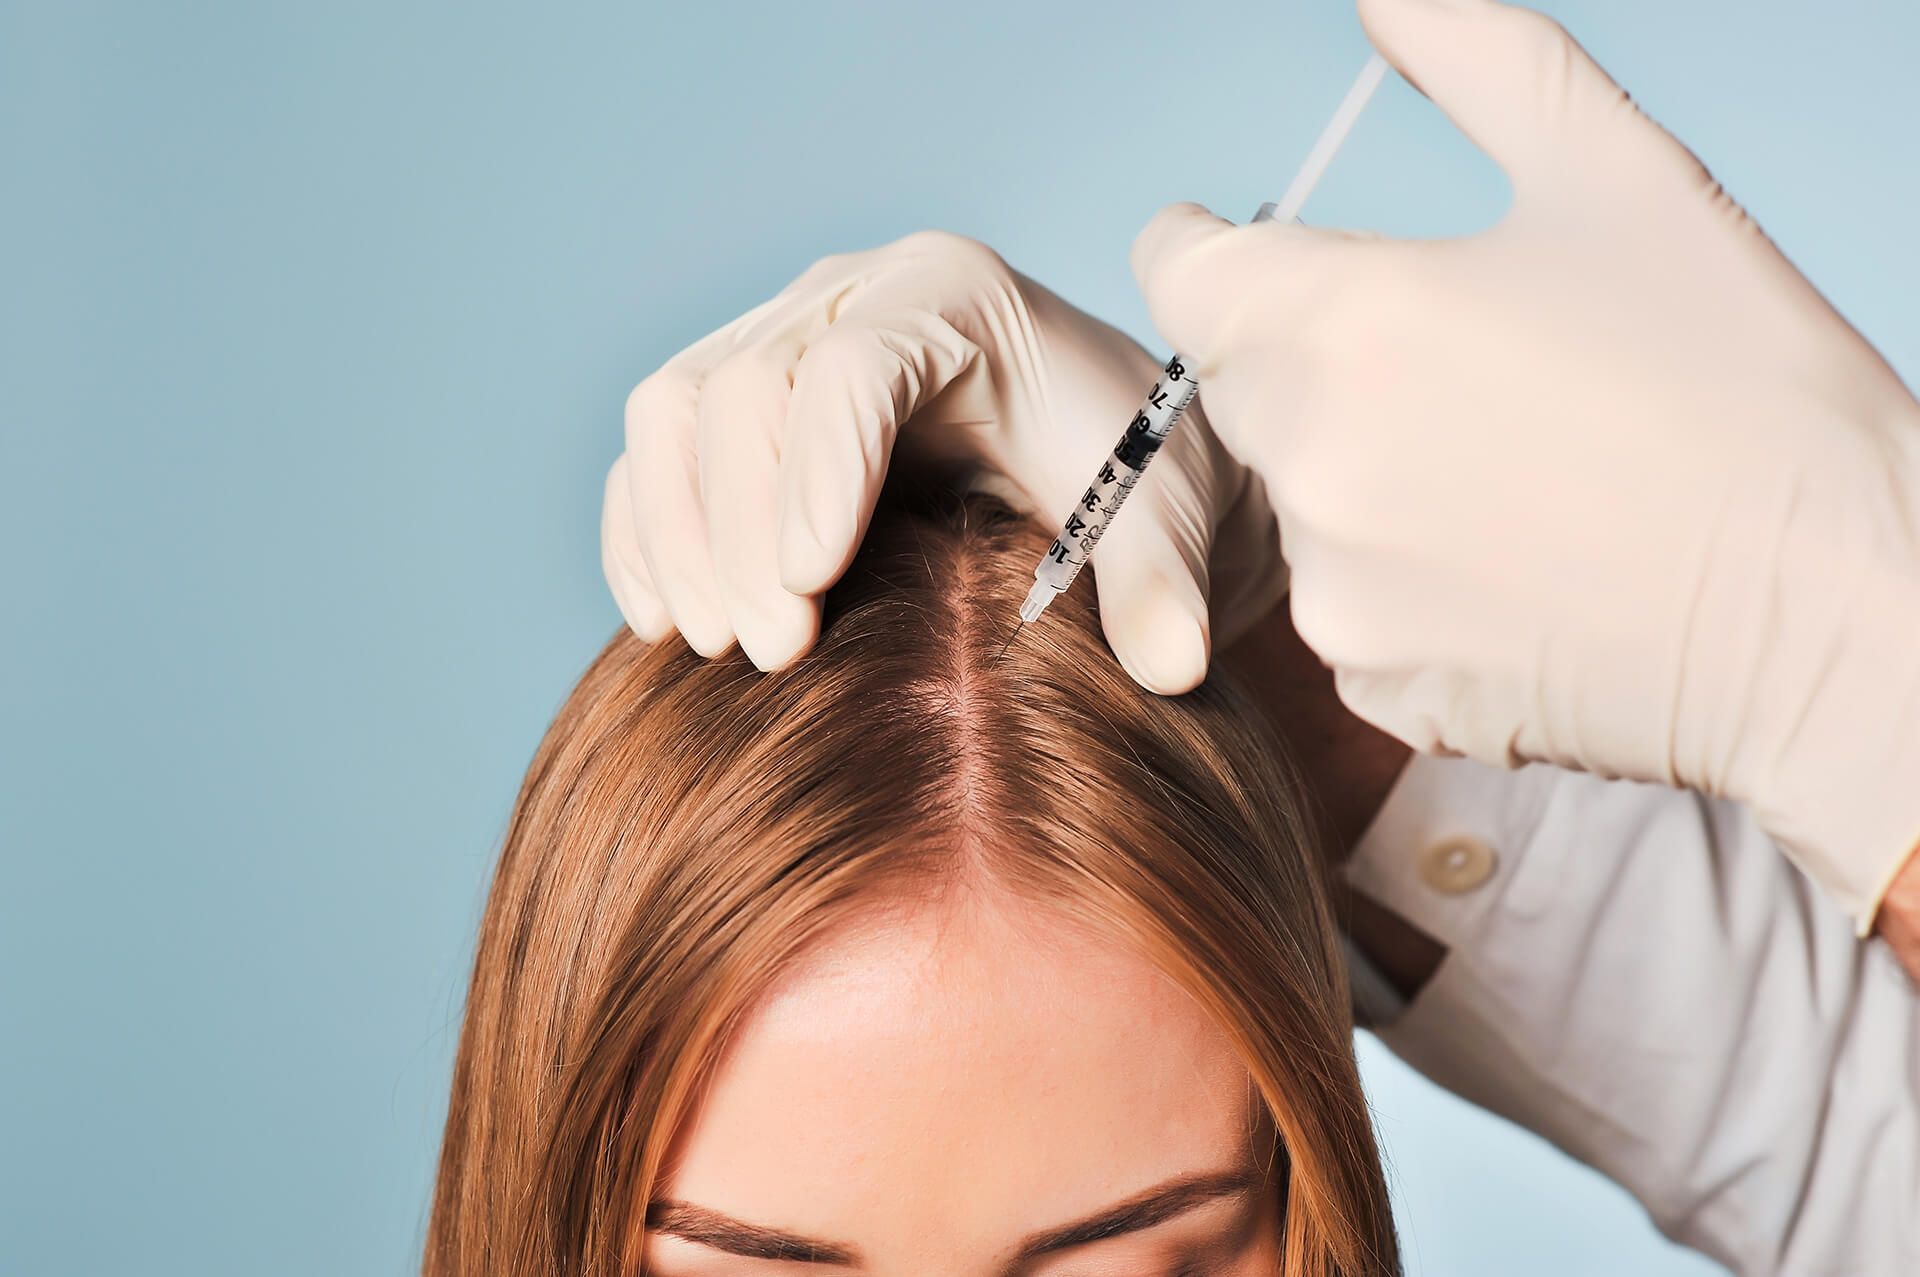 мезотерапия волос харьков цена